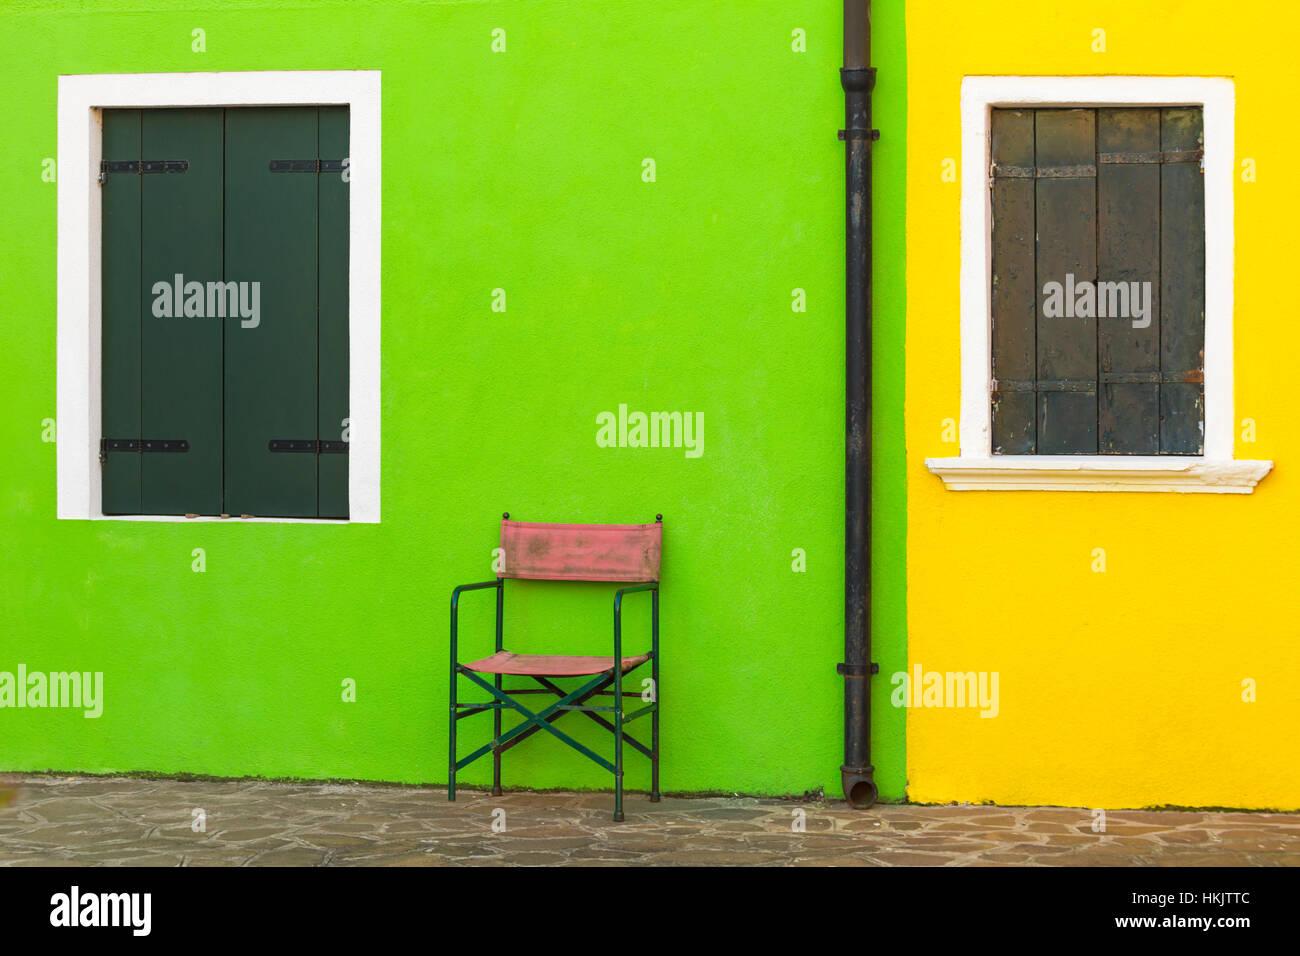 Stuhl Hell Grune Wand Von Haus Angrenzenden Leuchtend Gelben Haus